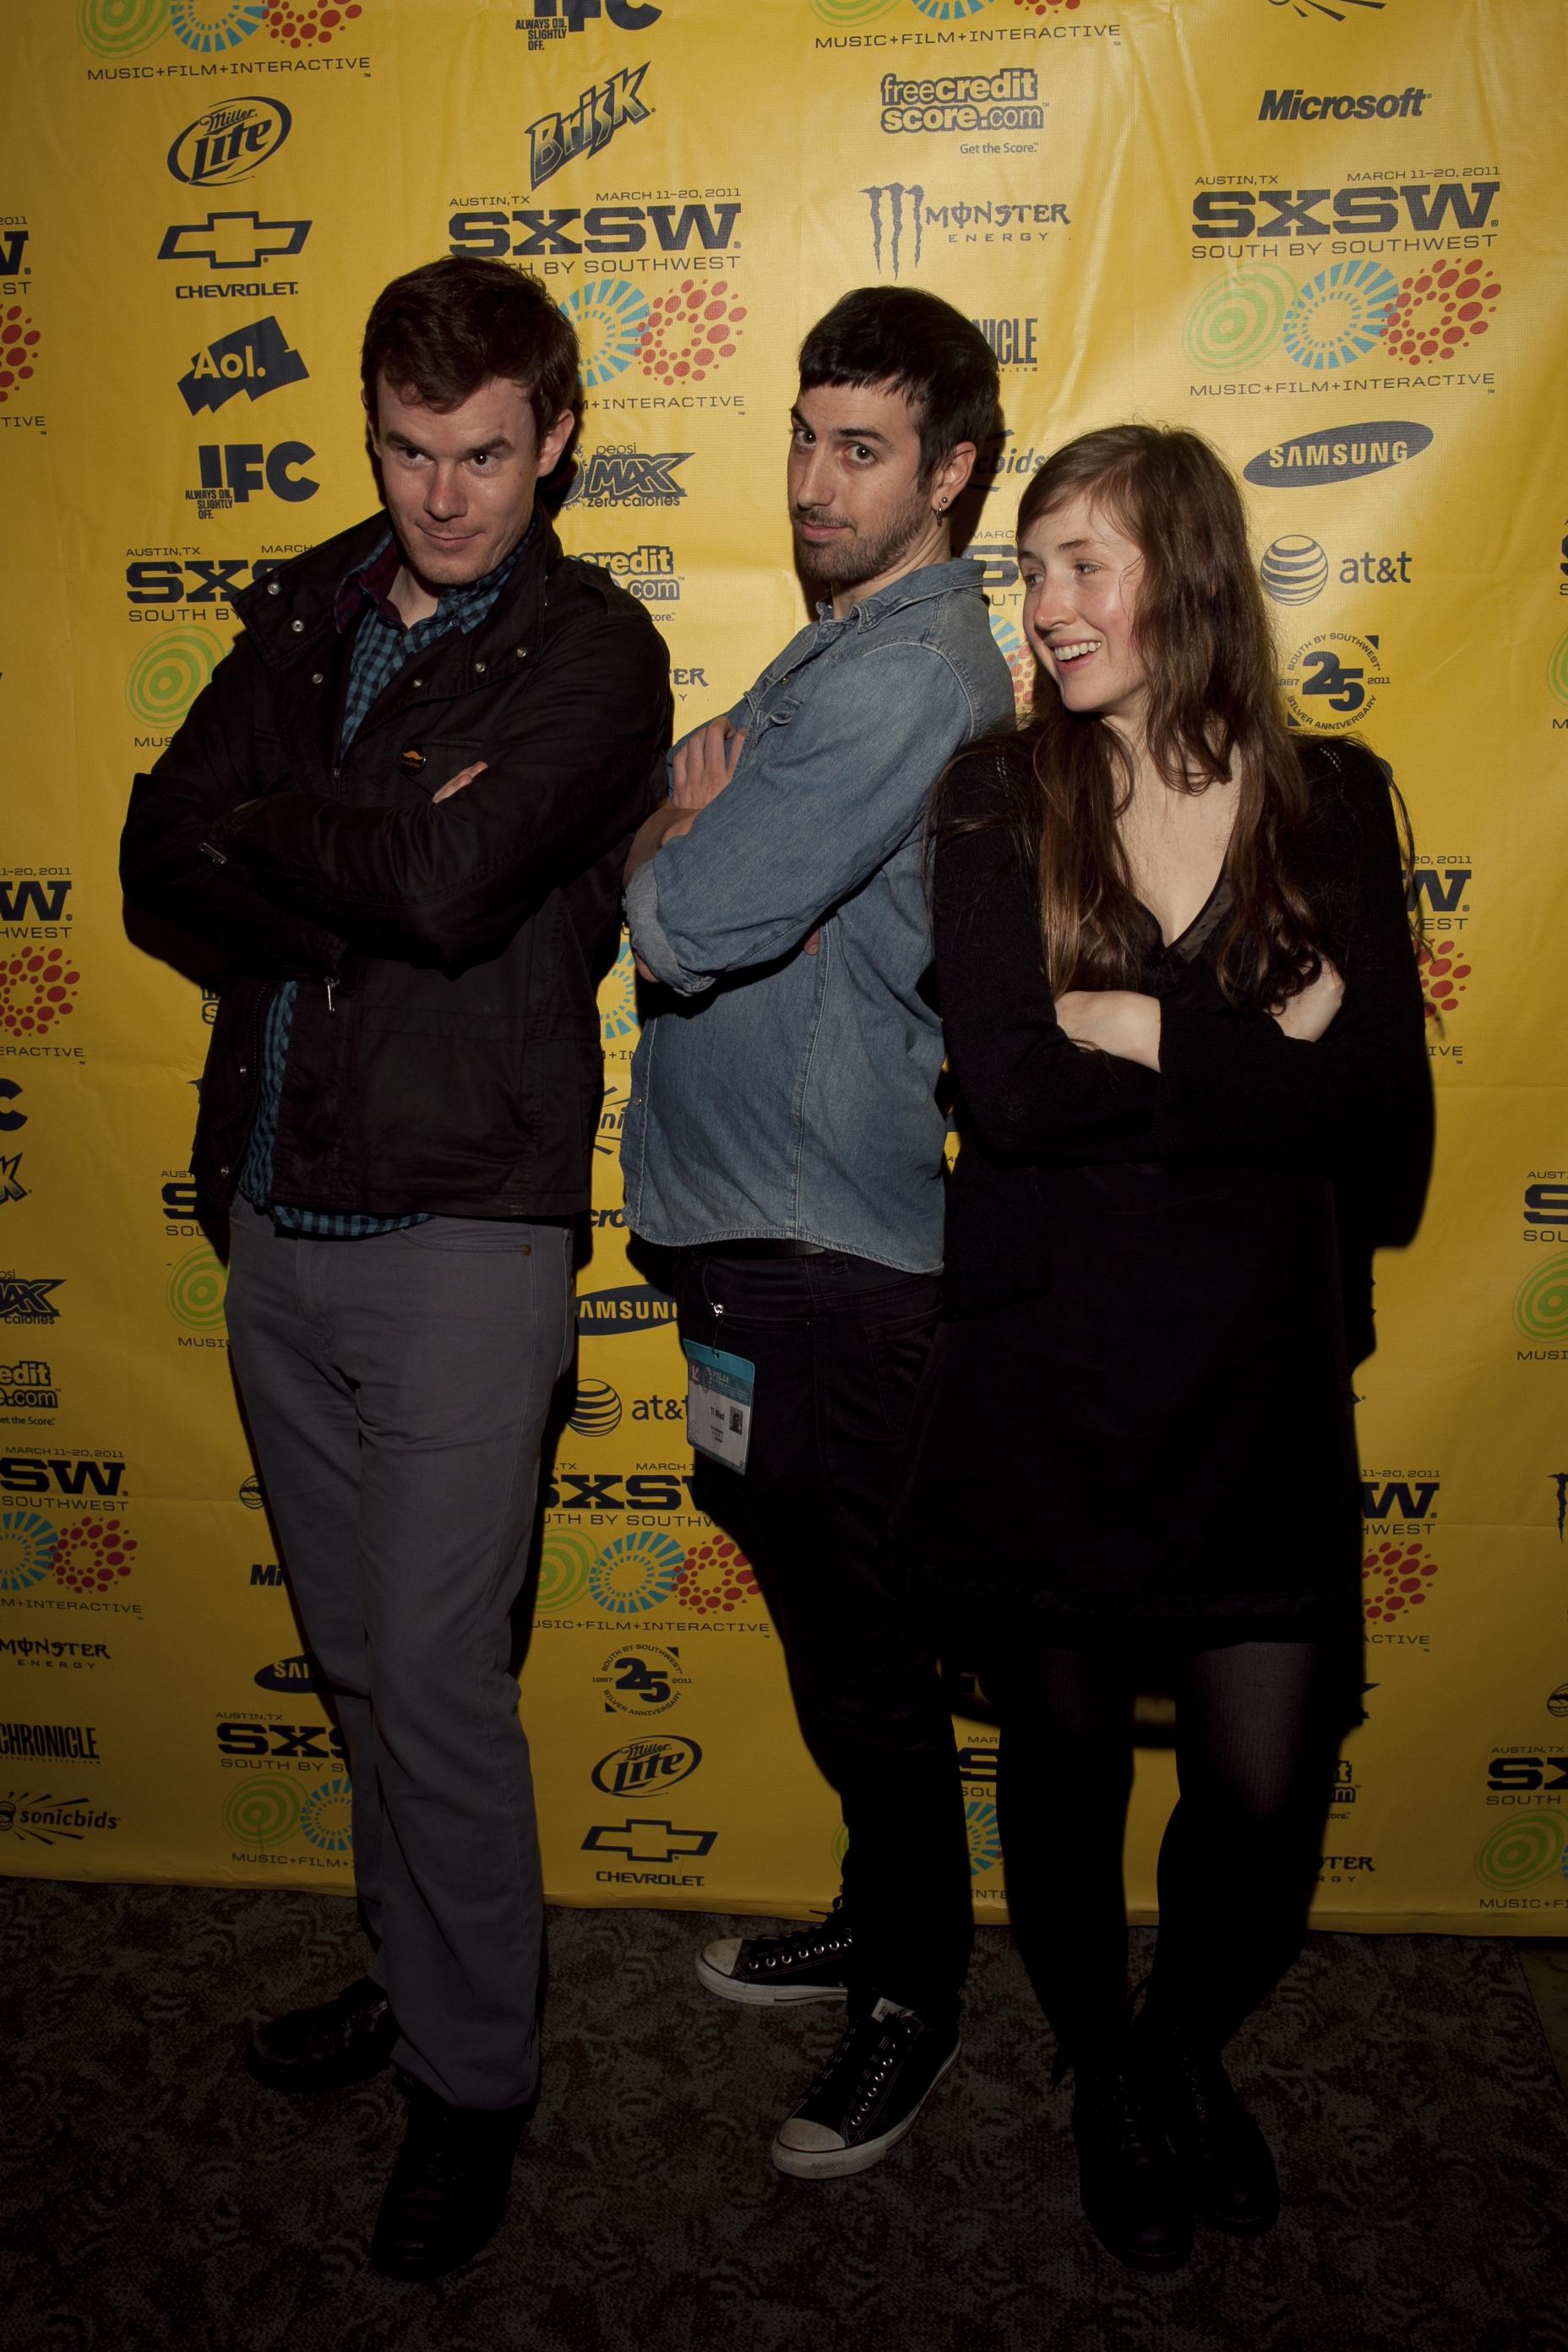 SXSW 2011 Screening of Silver Bullets